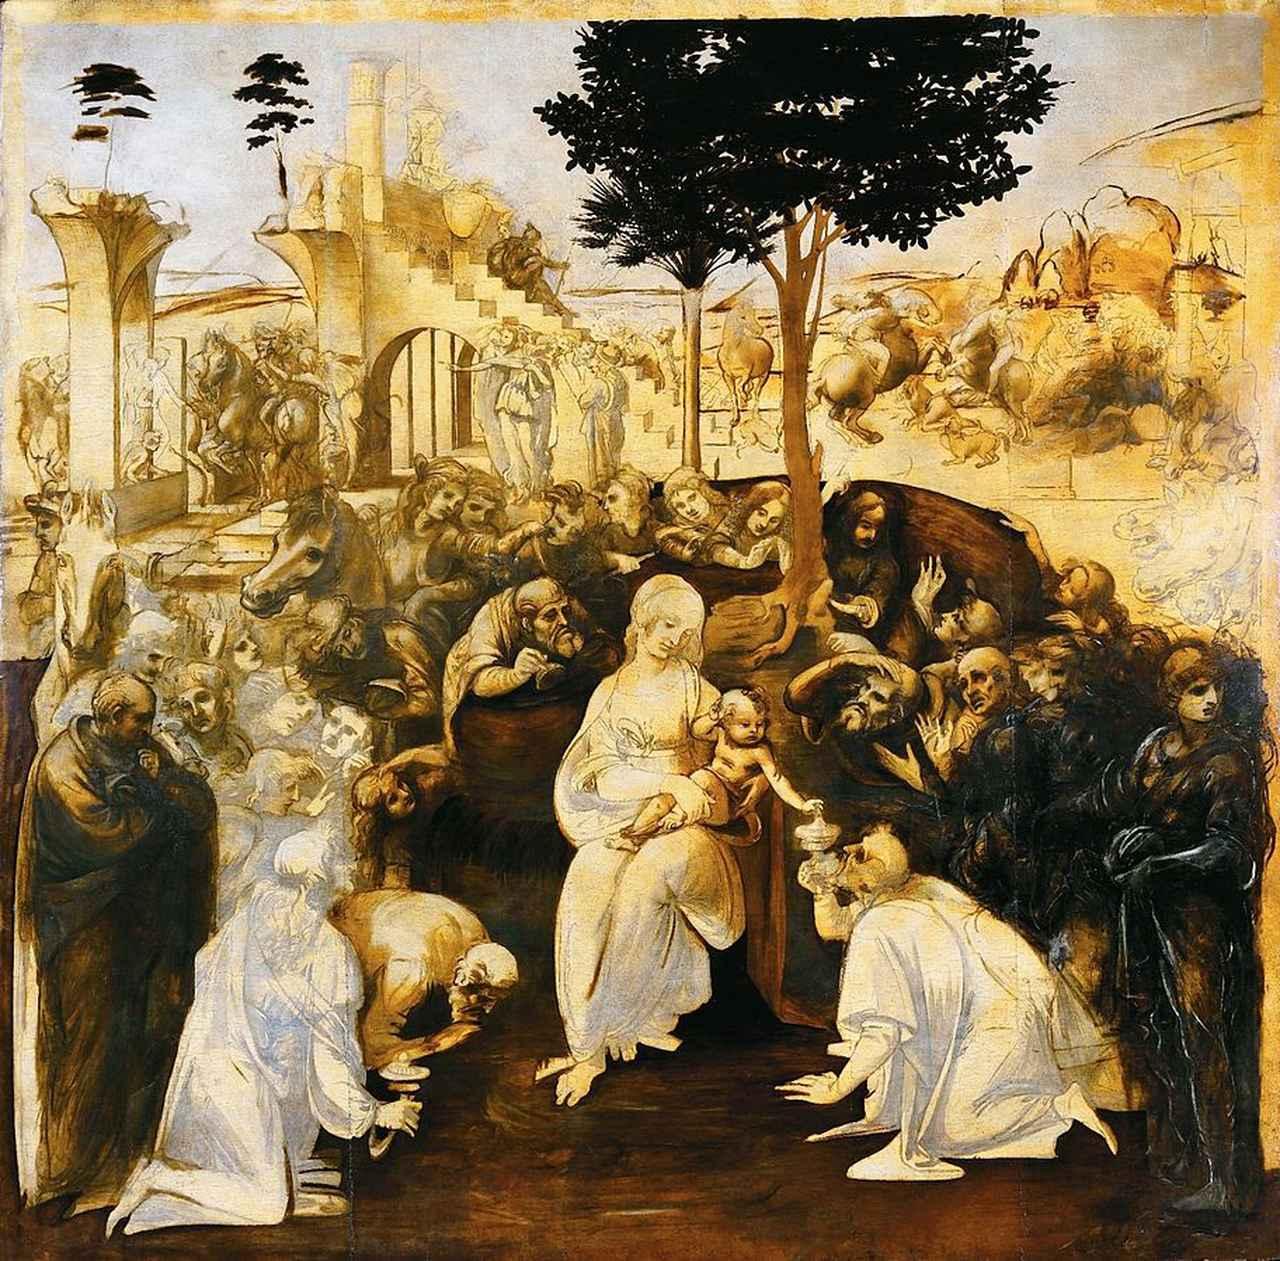 画像4: イタリア芸術 三大巨匠が交わる奇跡の世界線 <第10回/最終回>『ルネサンスの天才が残したもの、私たちが出会うもの』【好奇心で旅する海外】<芸術百華>